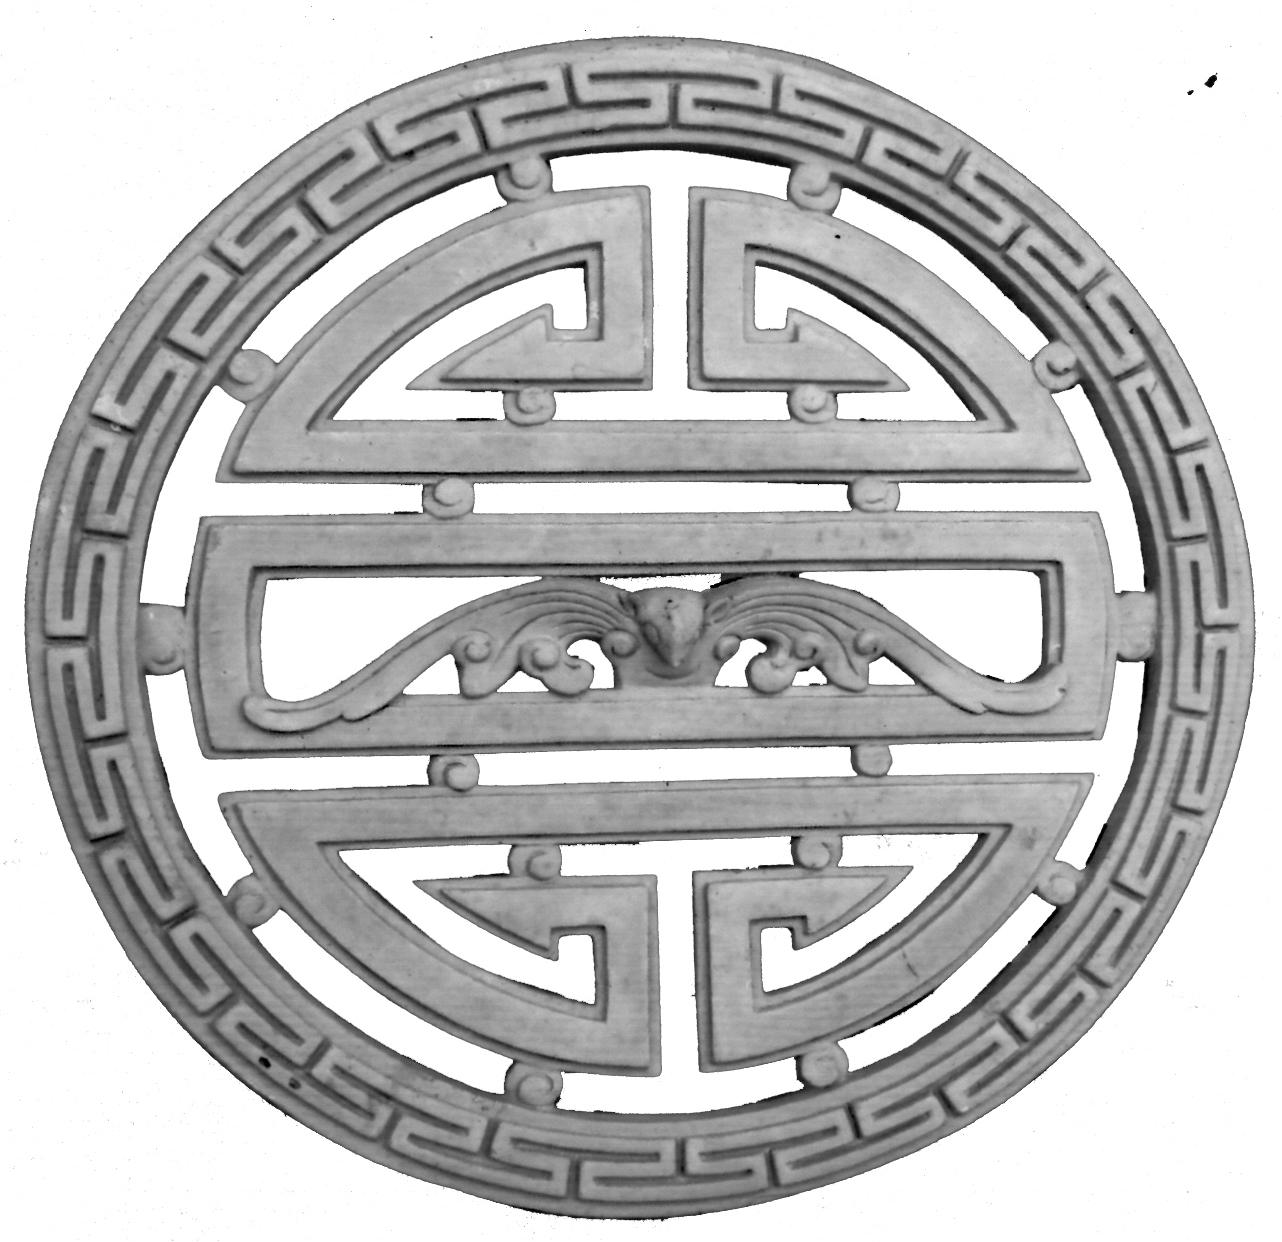 Hoa văn chữ thọ xi măng trang trí đình chùa